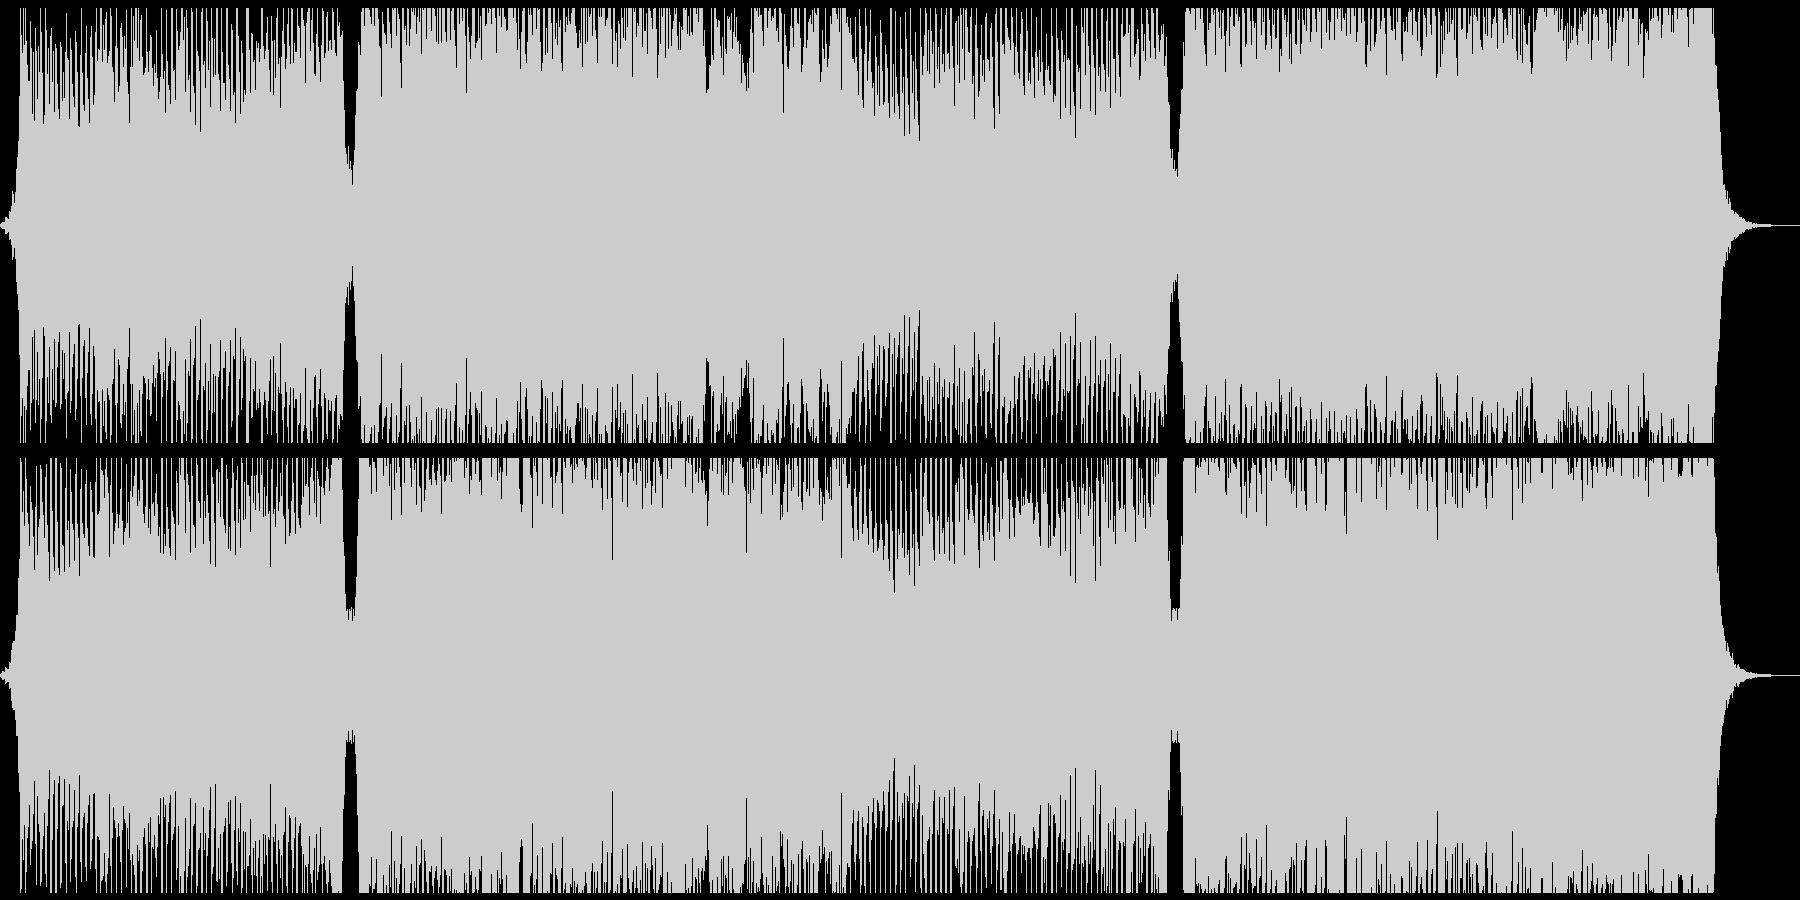 オーケストラ4つ打ちコーラス 疾走感の未再生の波形